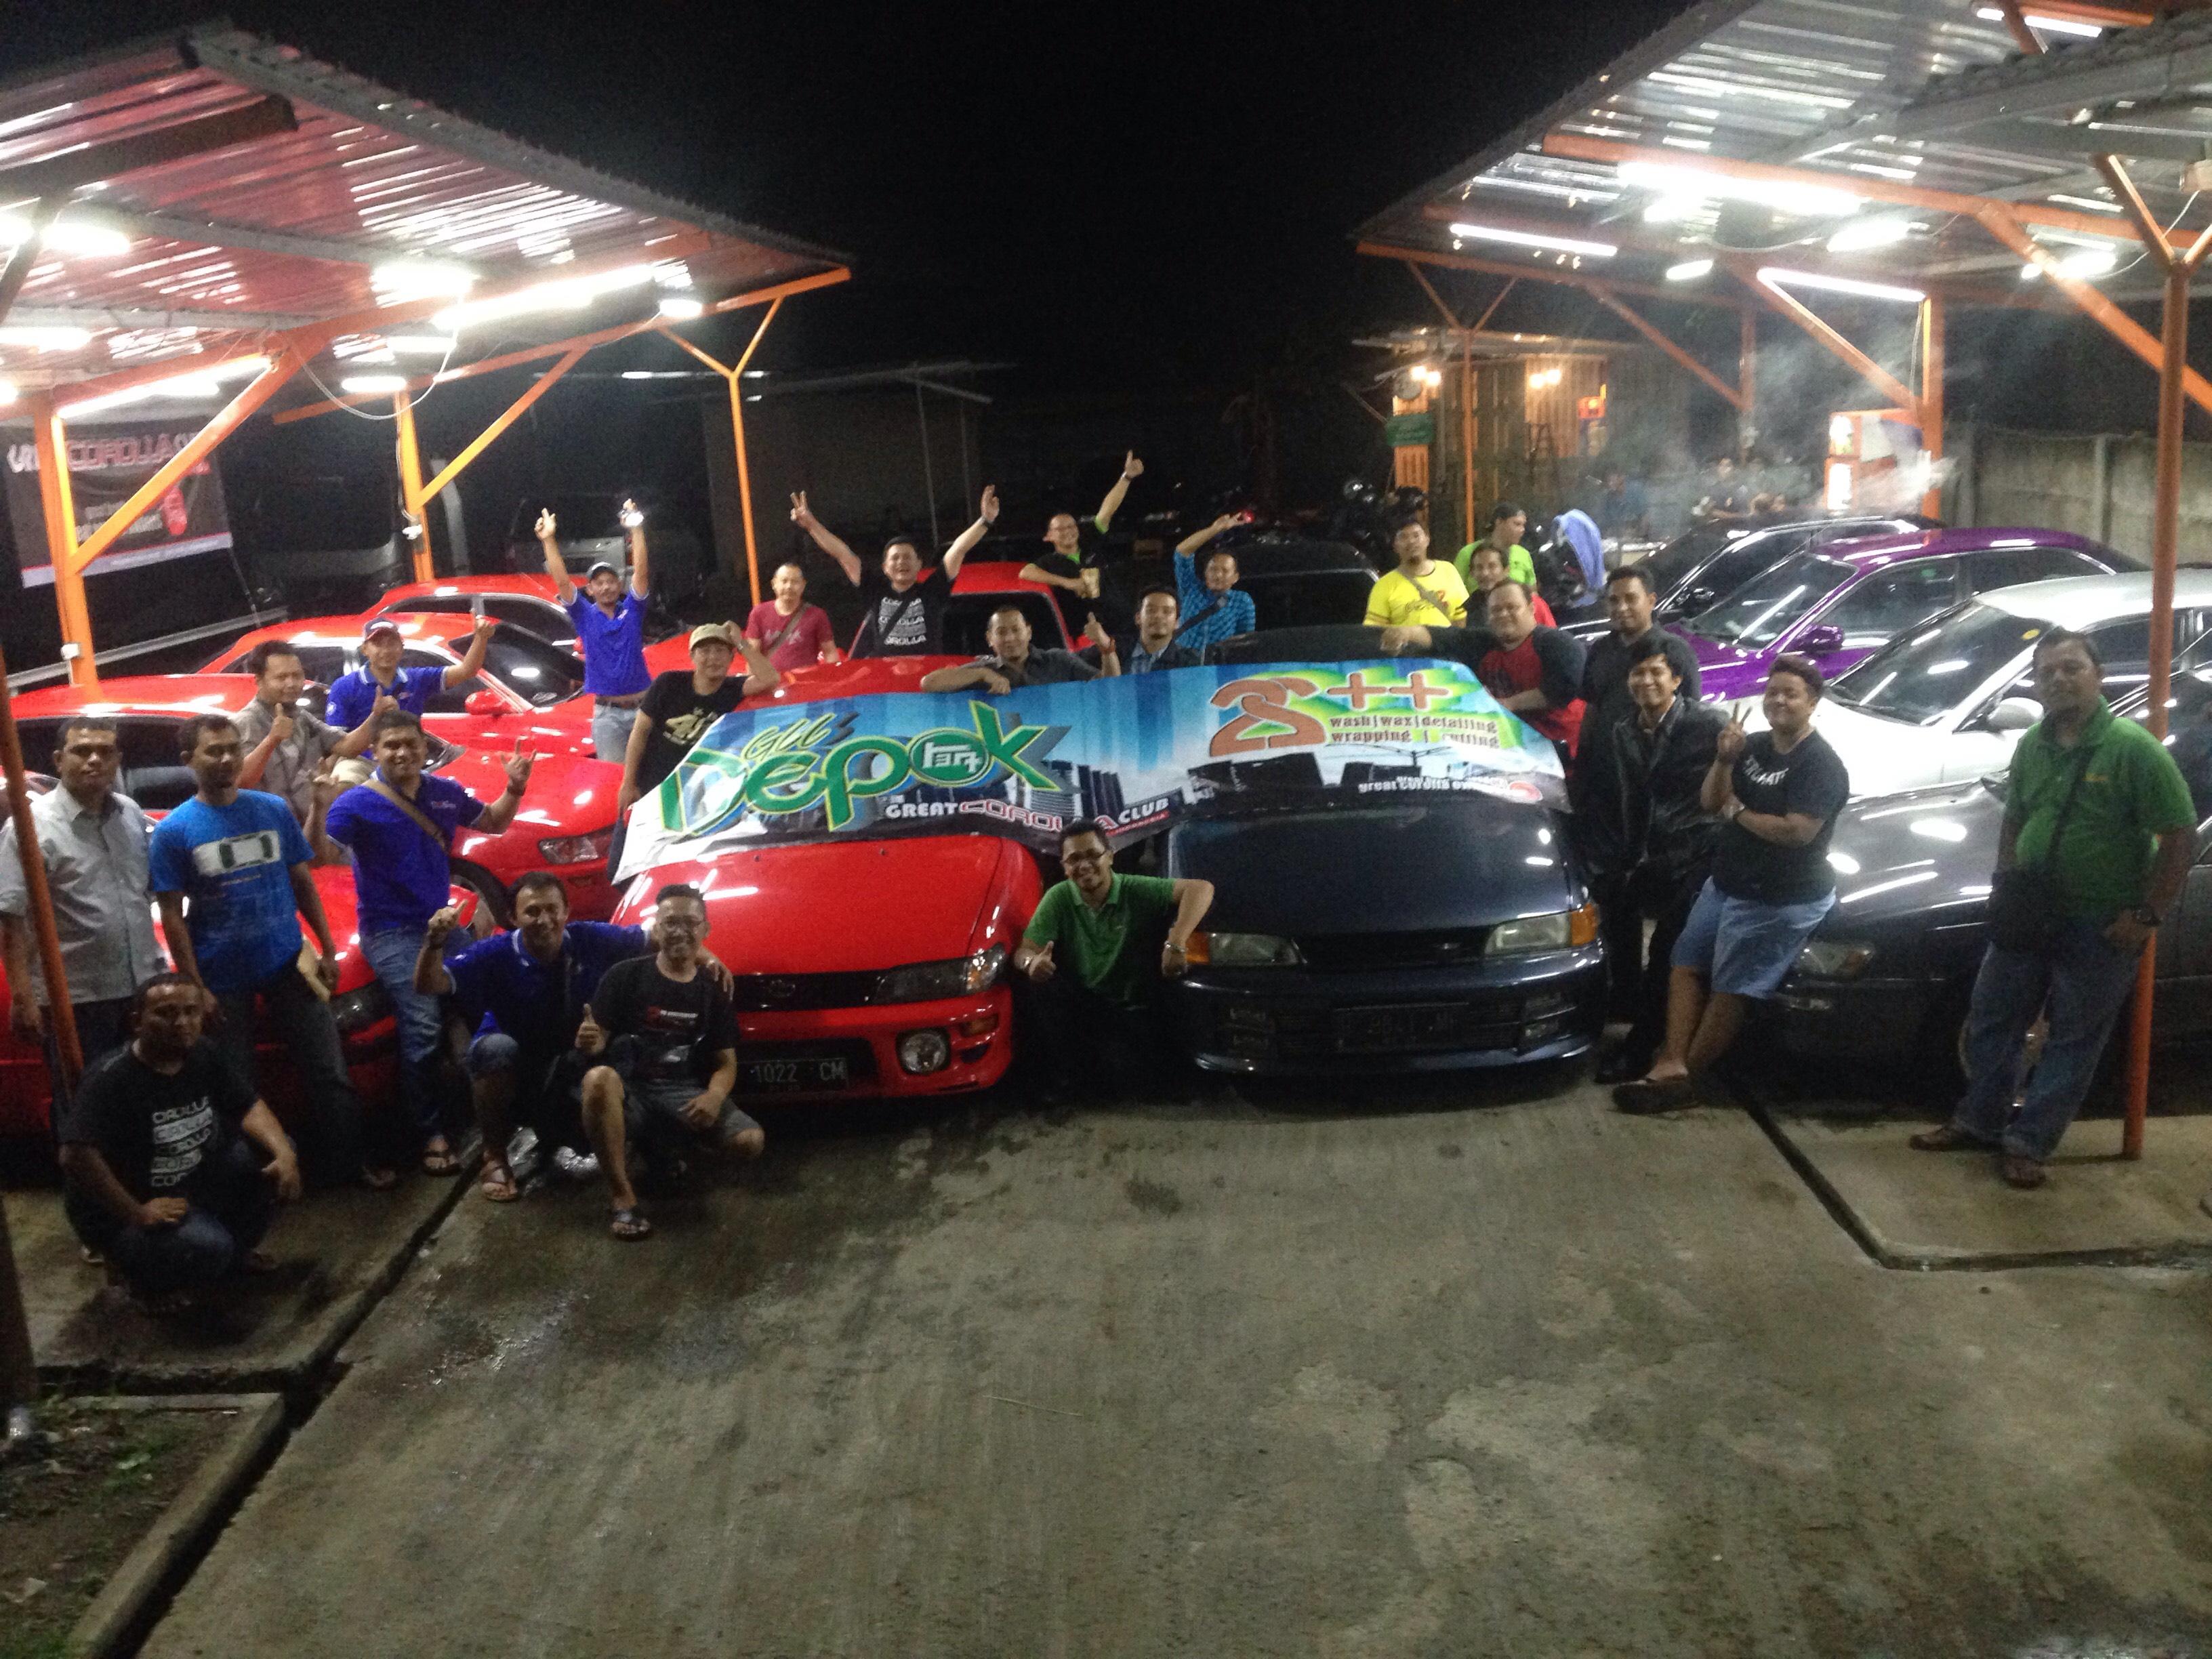 Toyota Great Corolla Club Depok Menghabiskan Malam Bersana